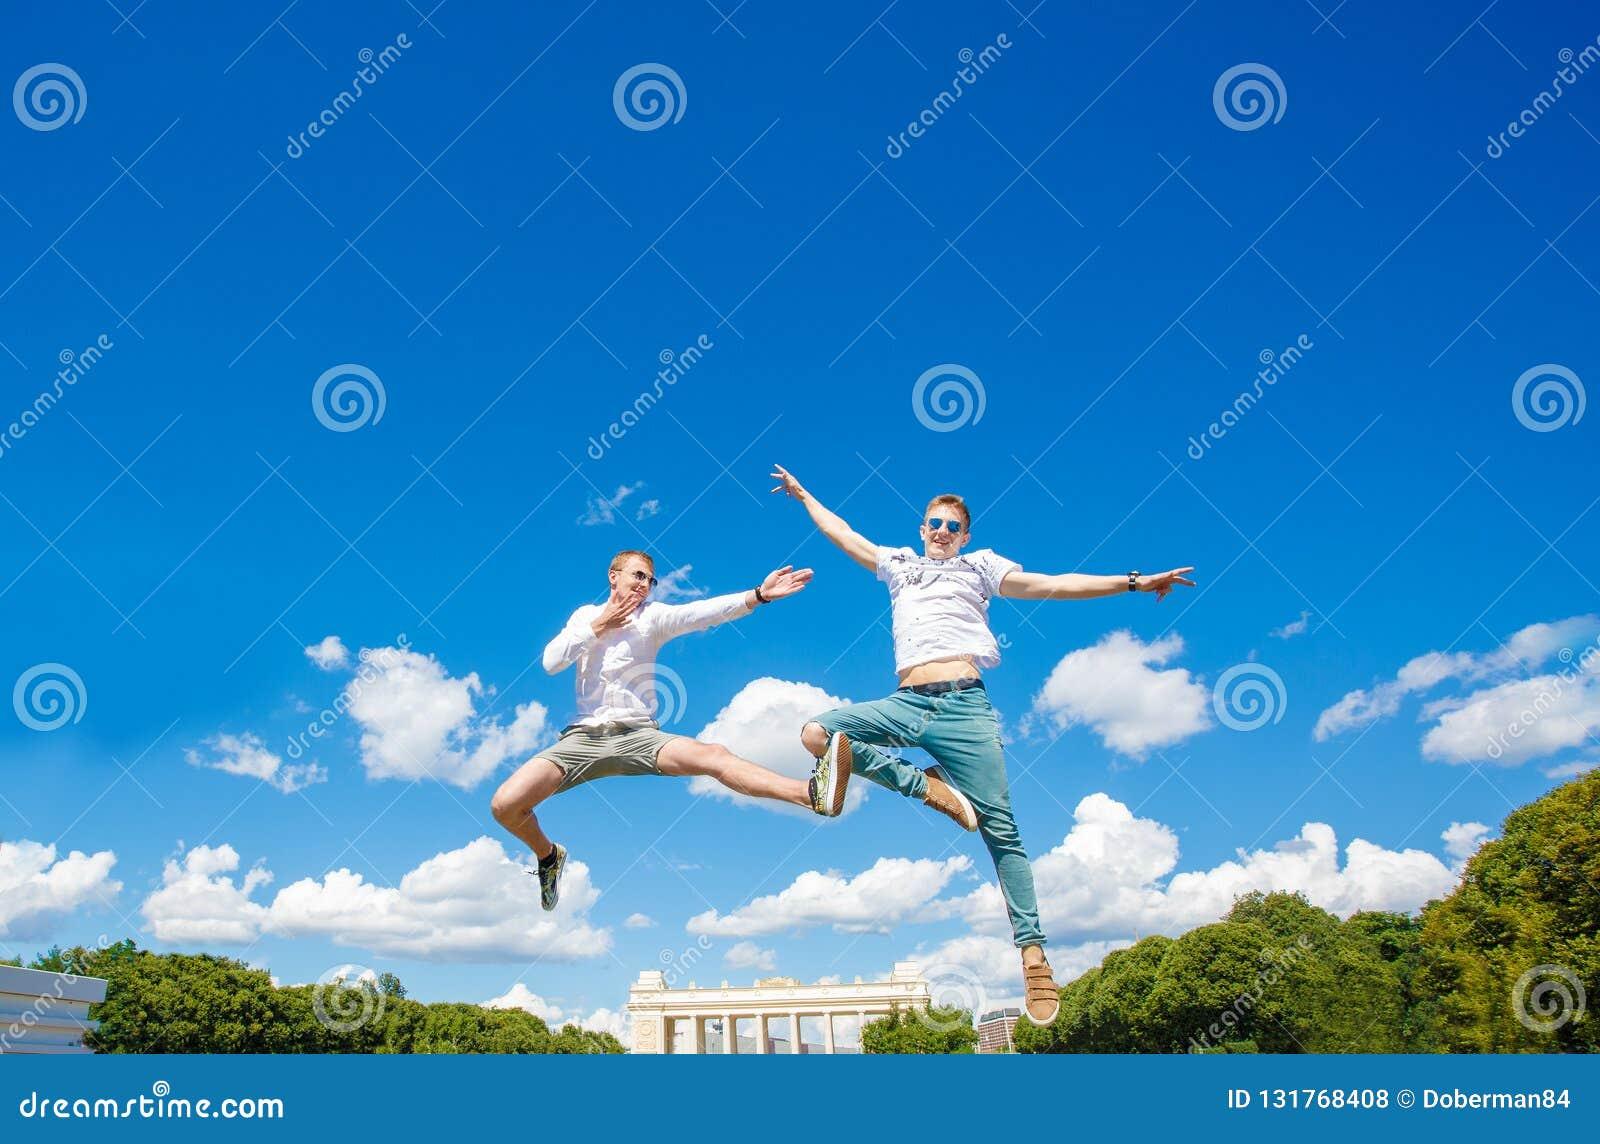 Zwei Kerle schweben in der Luft